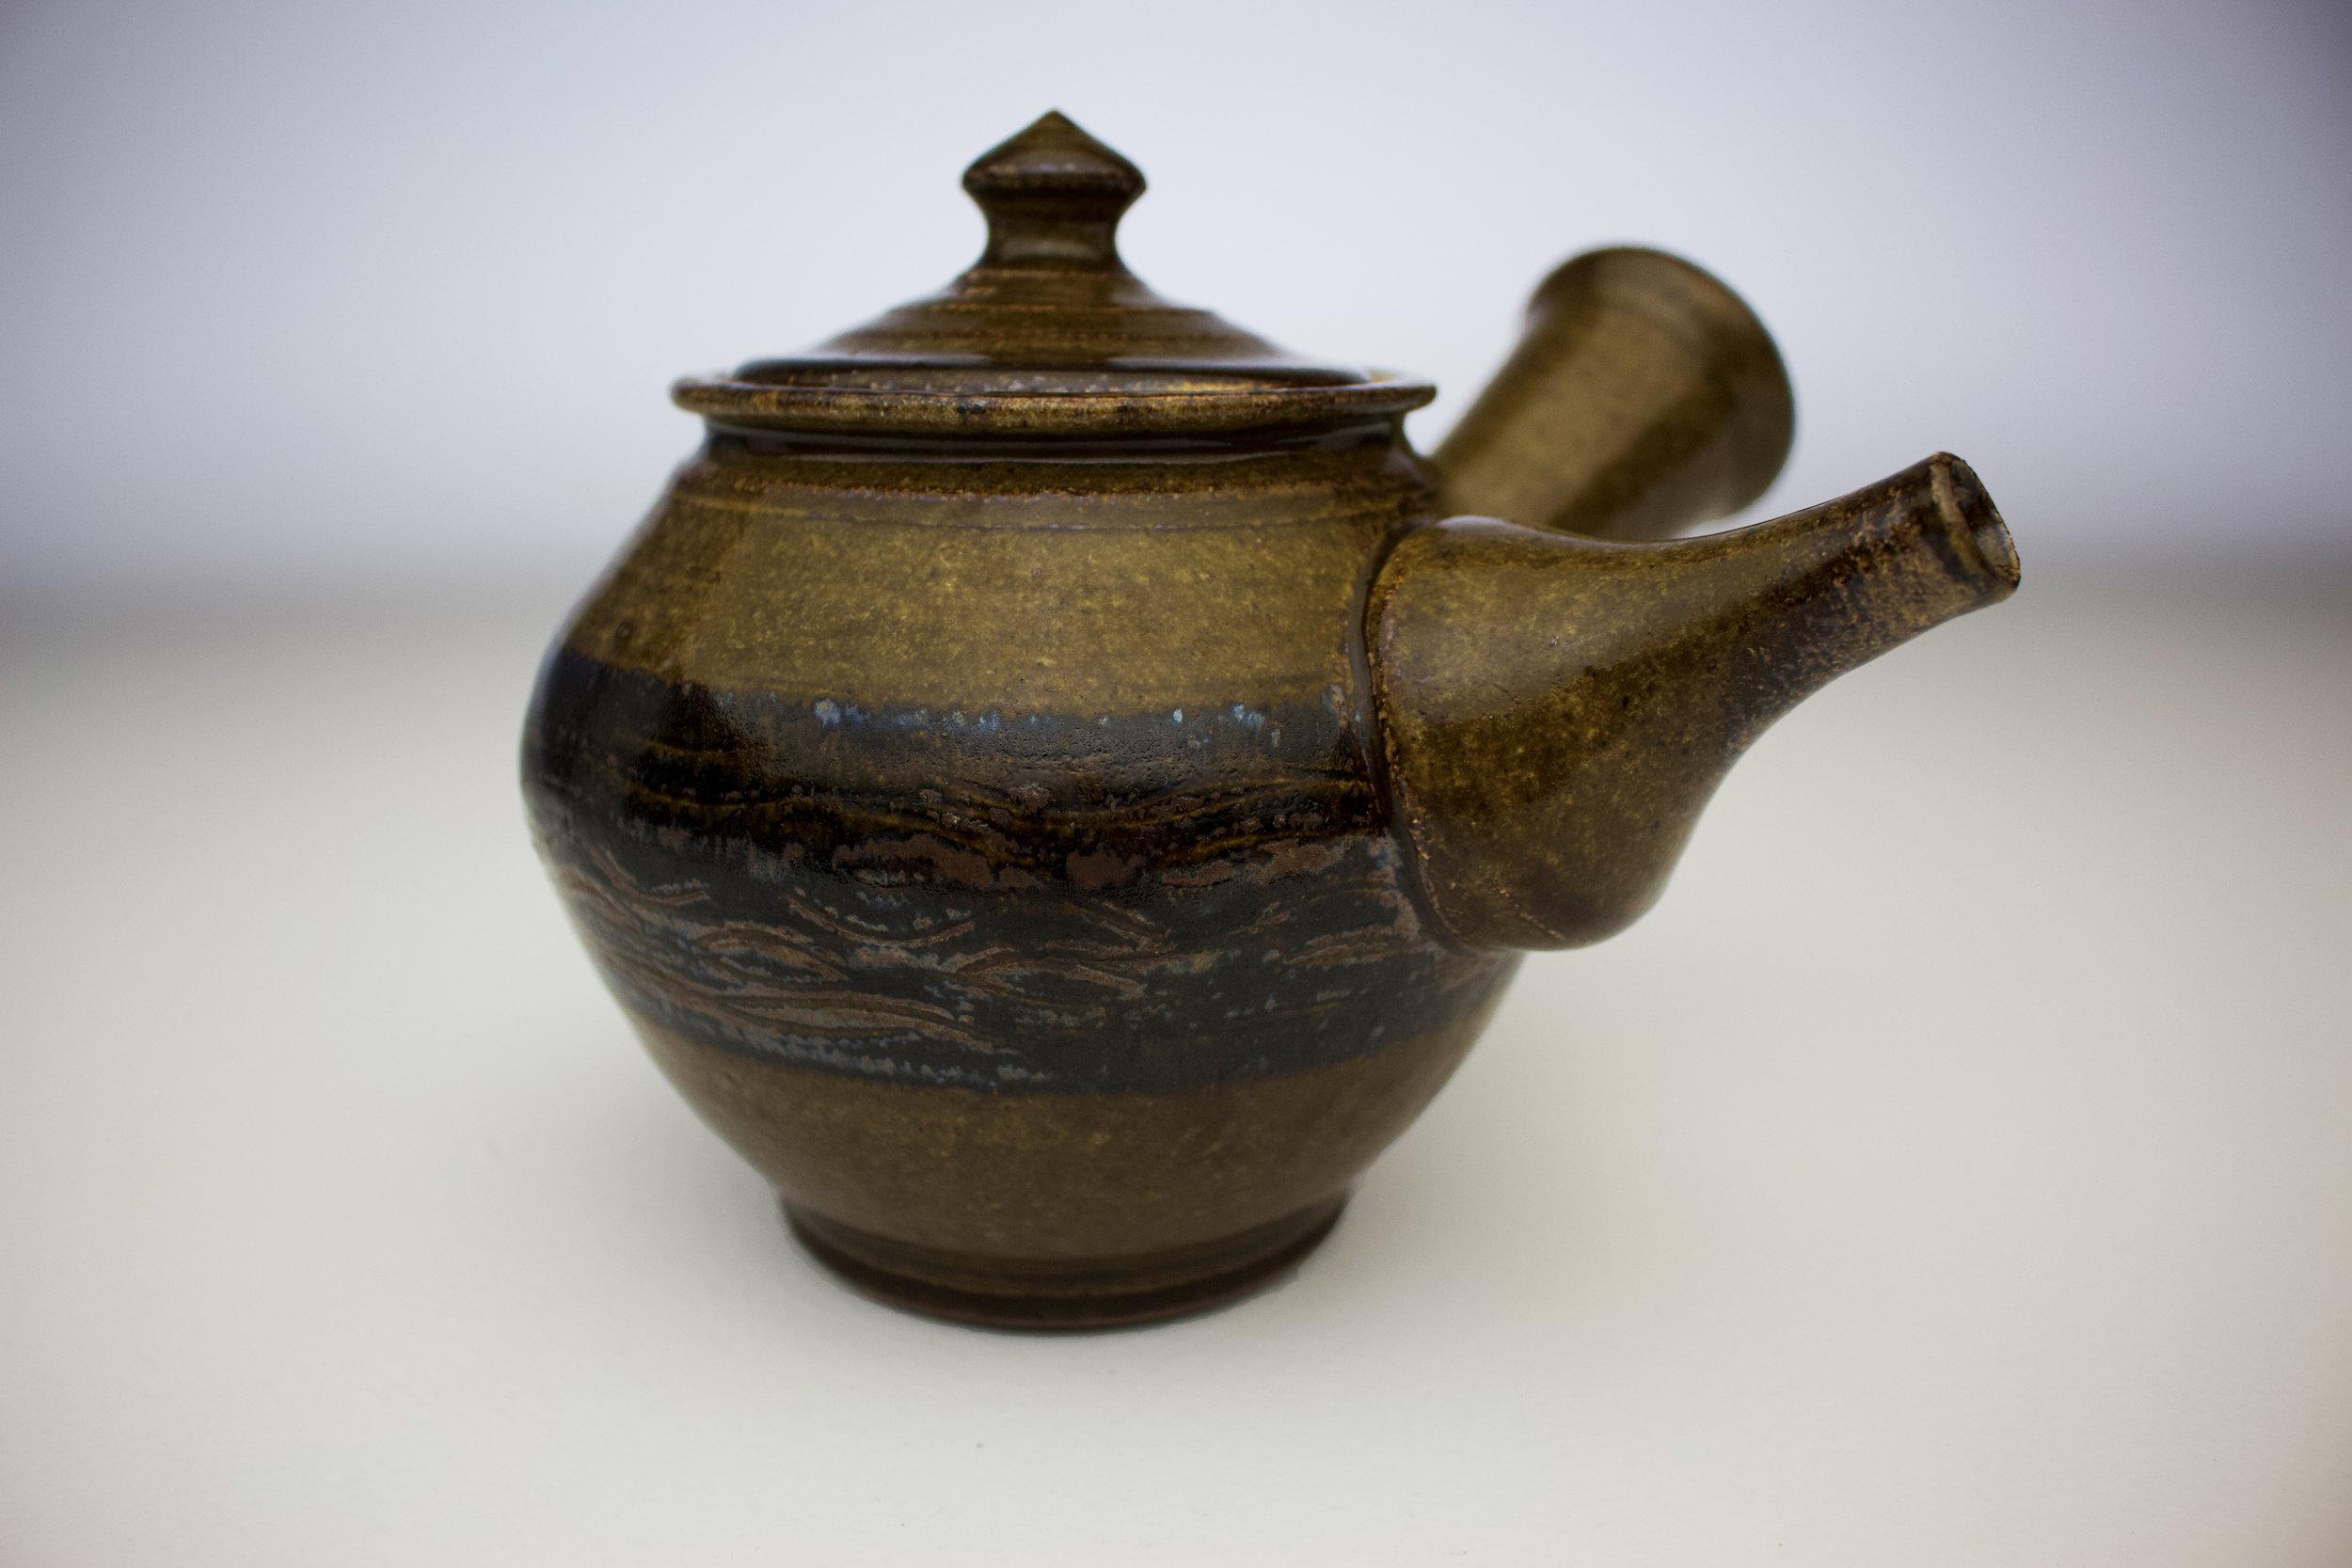 ame black fork design teapot 3.jpg